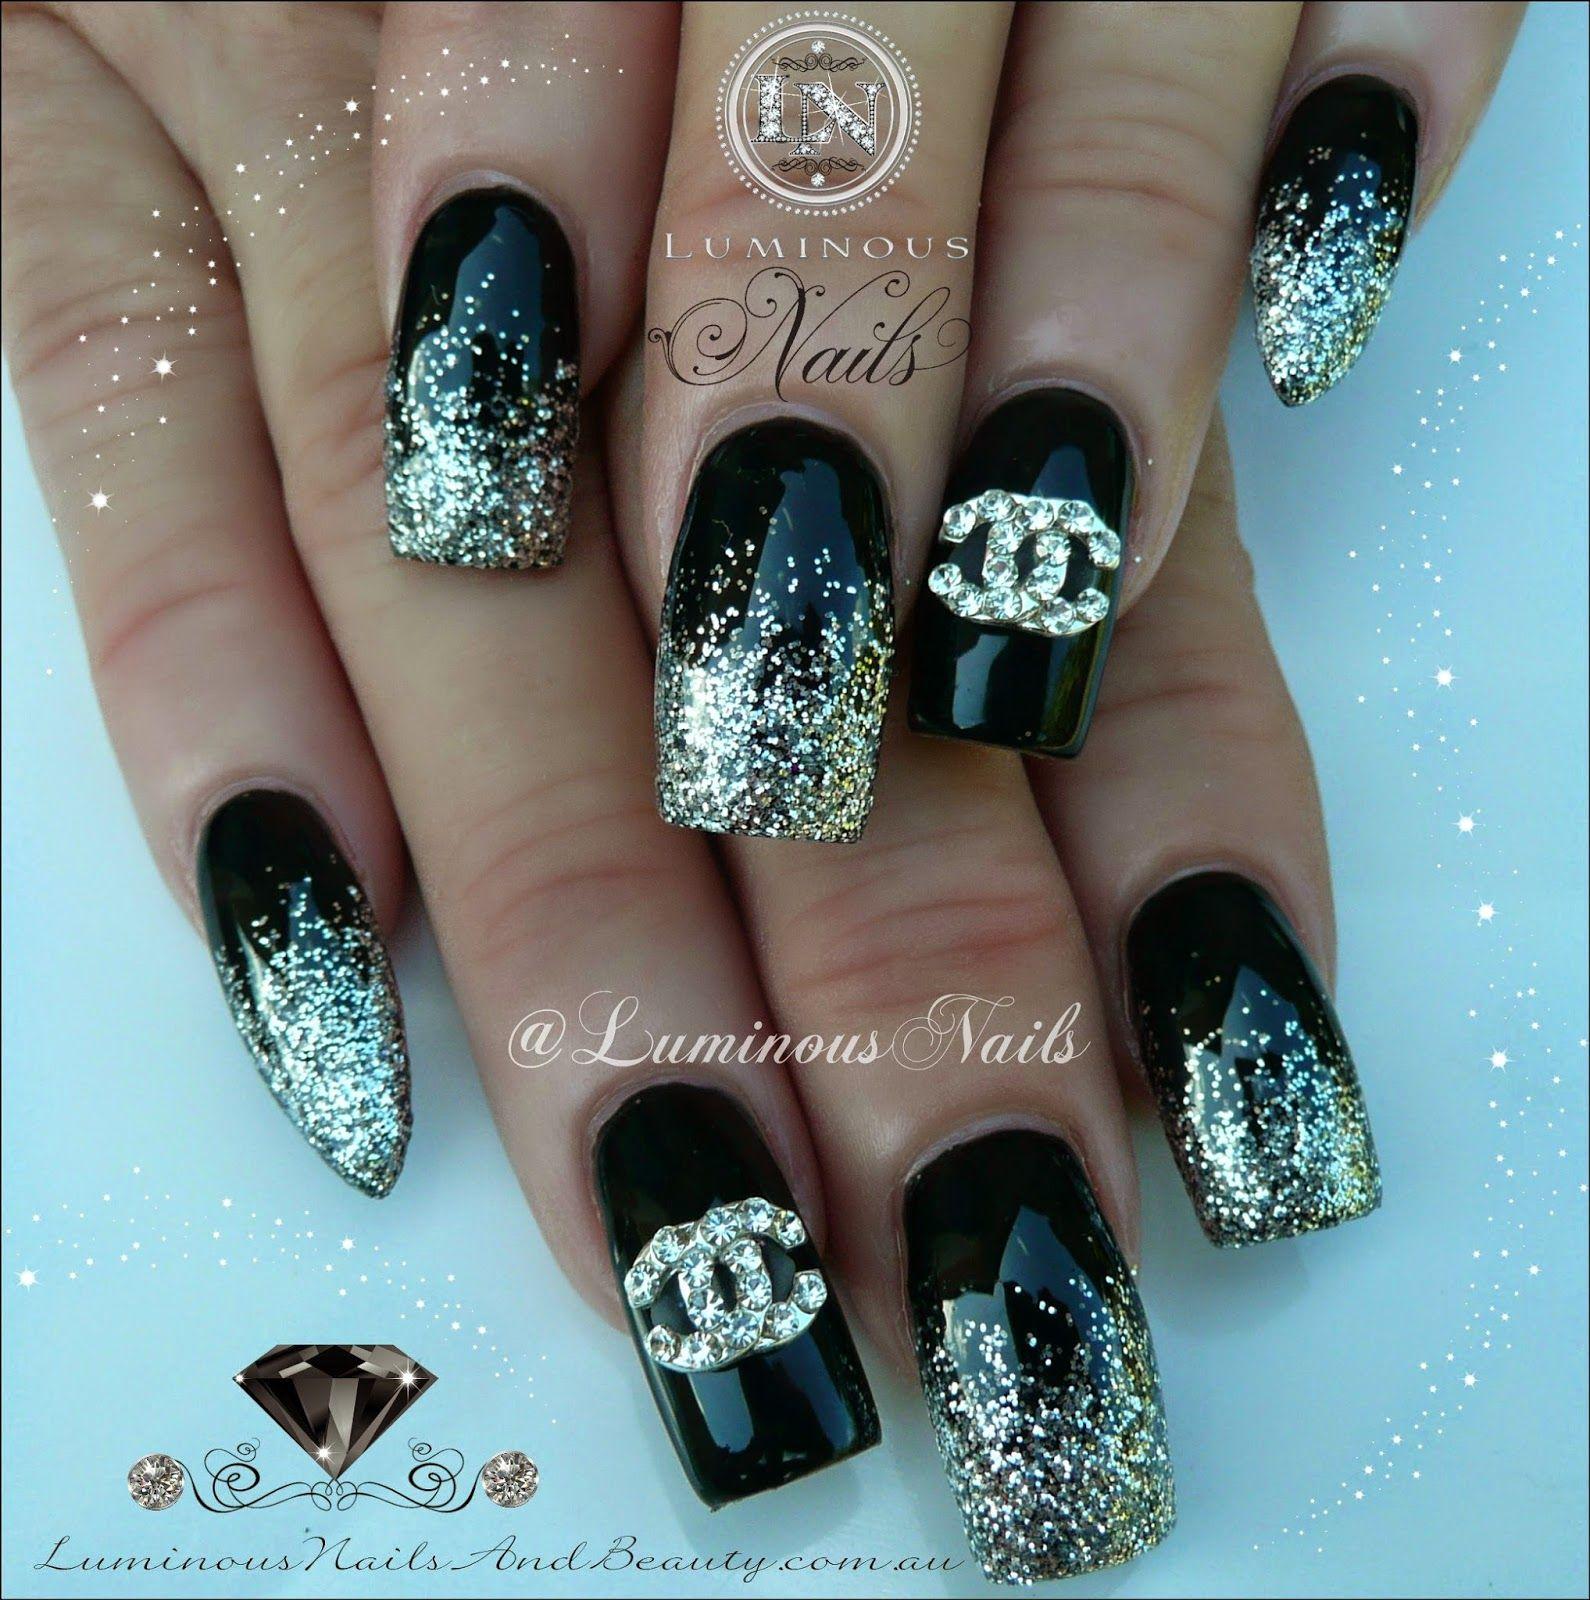 Luminous+Nails+&+Beauty,+Gold+Coast+QLD.+Black+&+Silver+Nails.+Nail+ ...